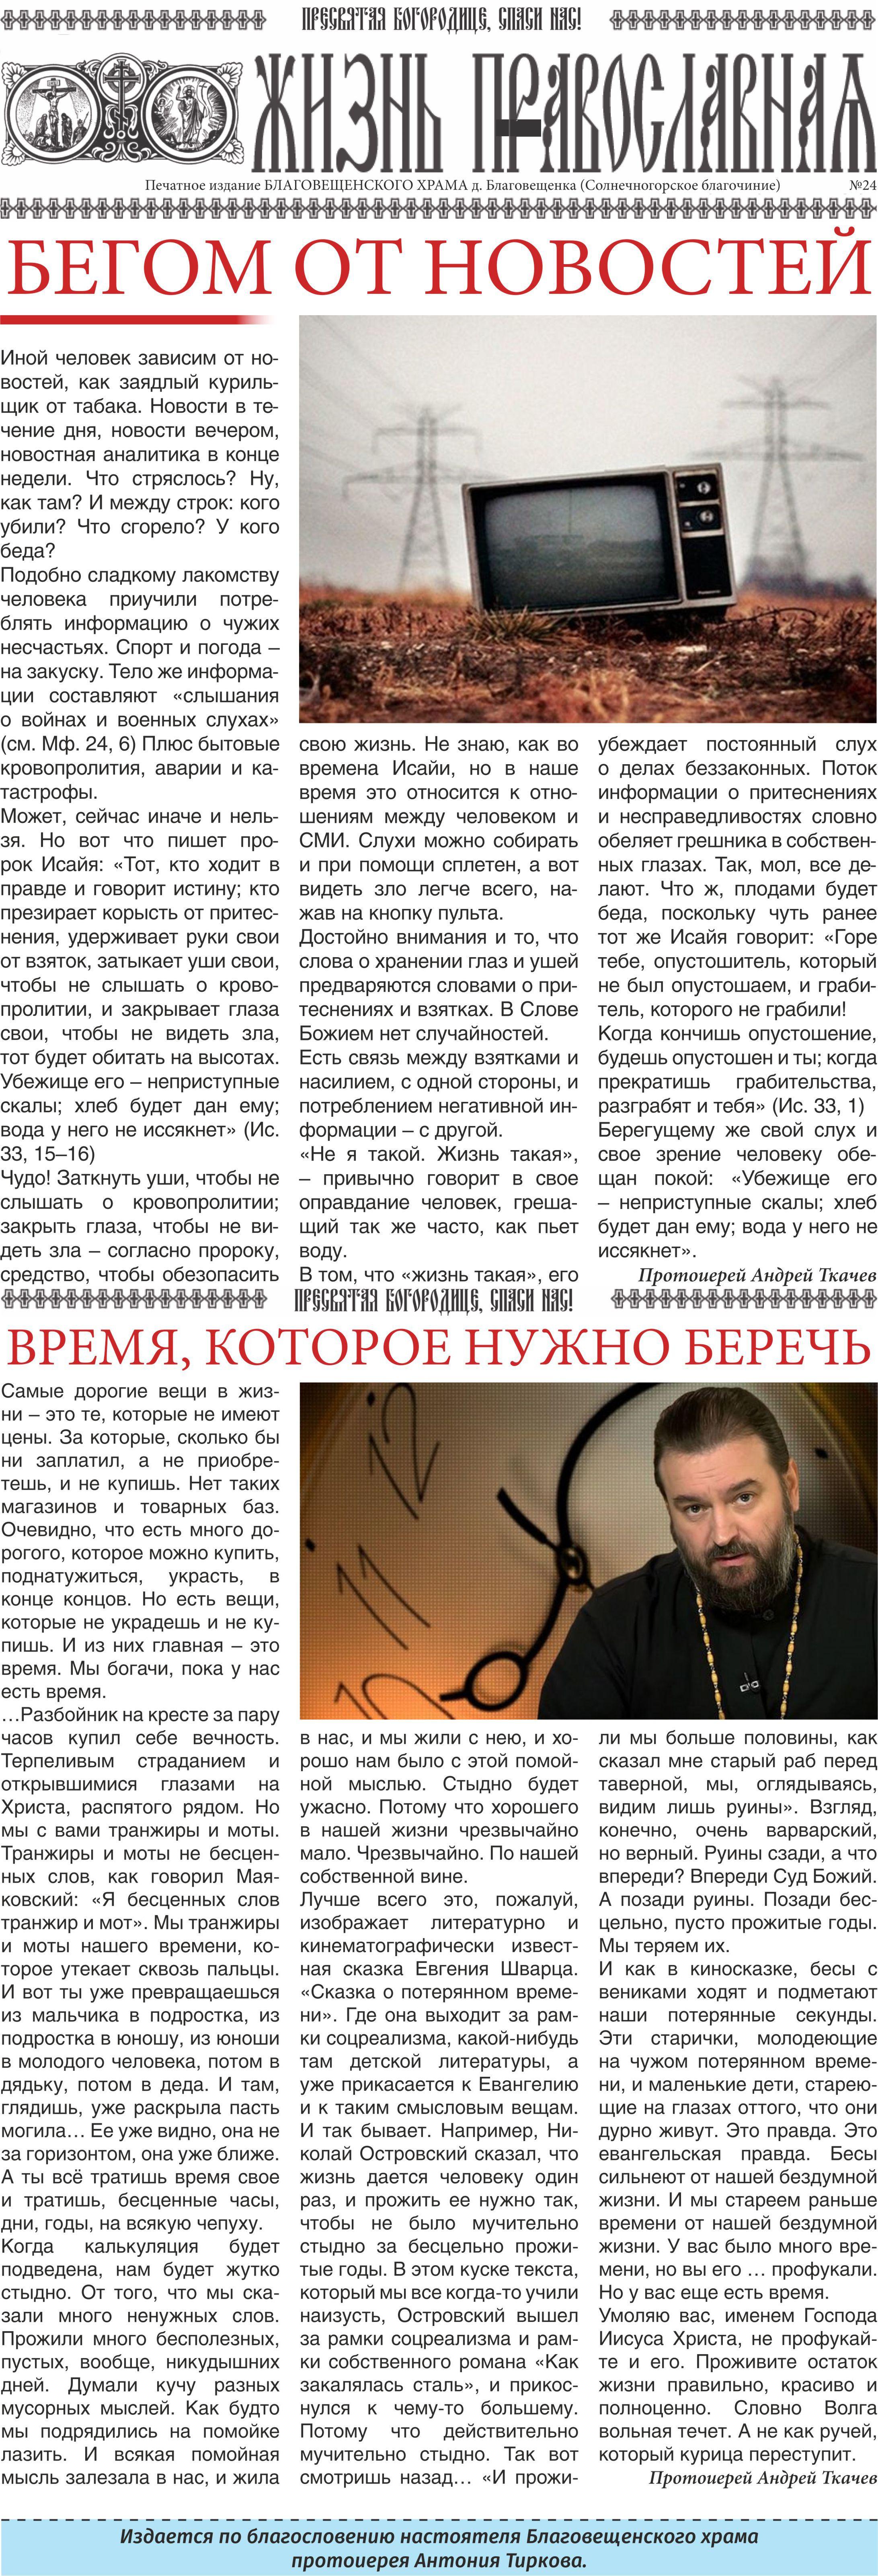 Жизнь православная 2017-24